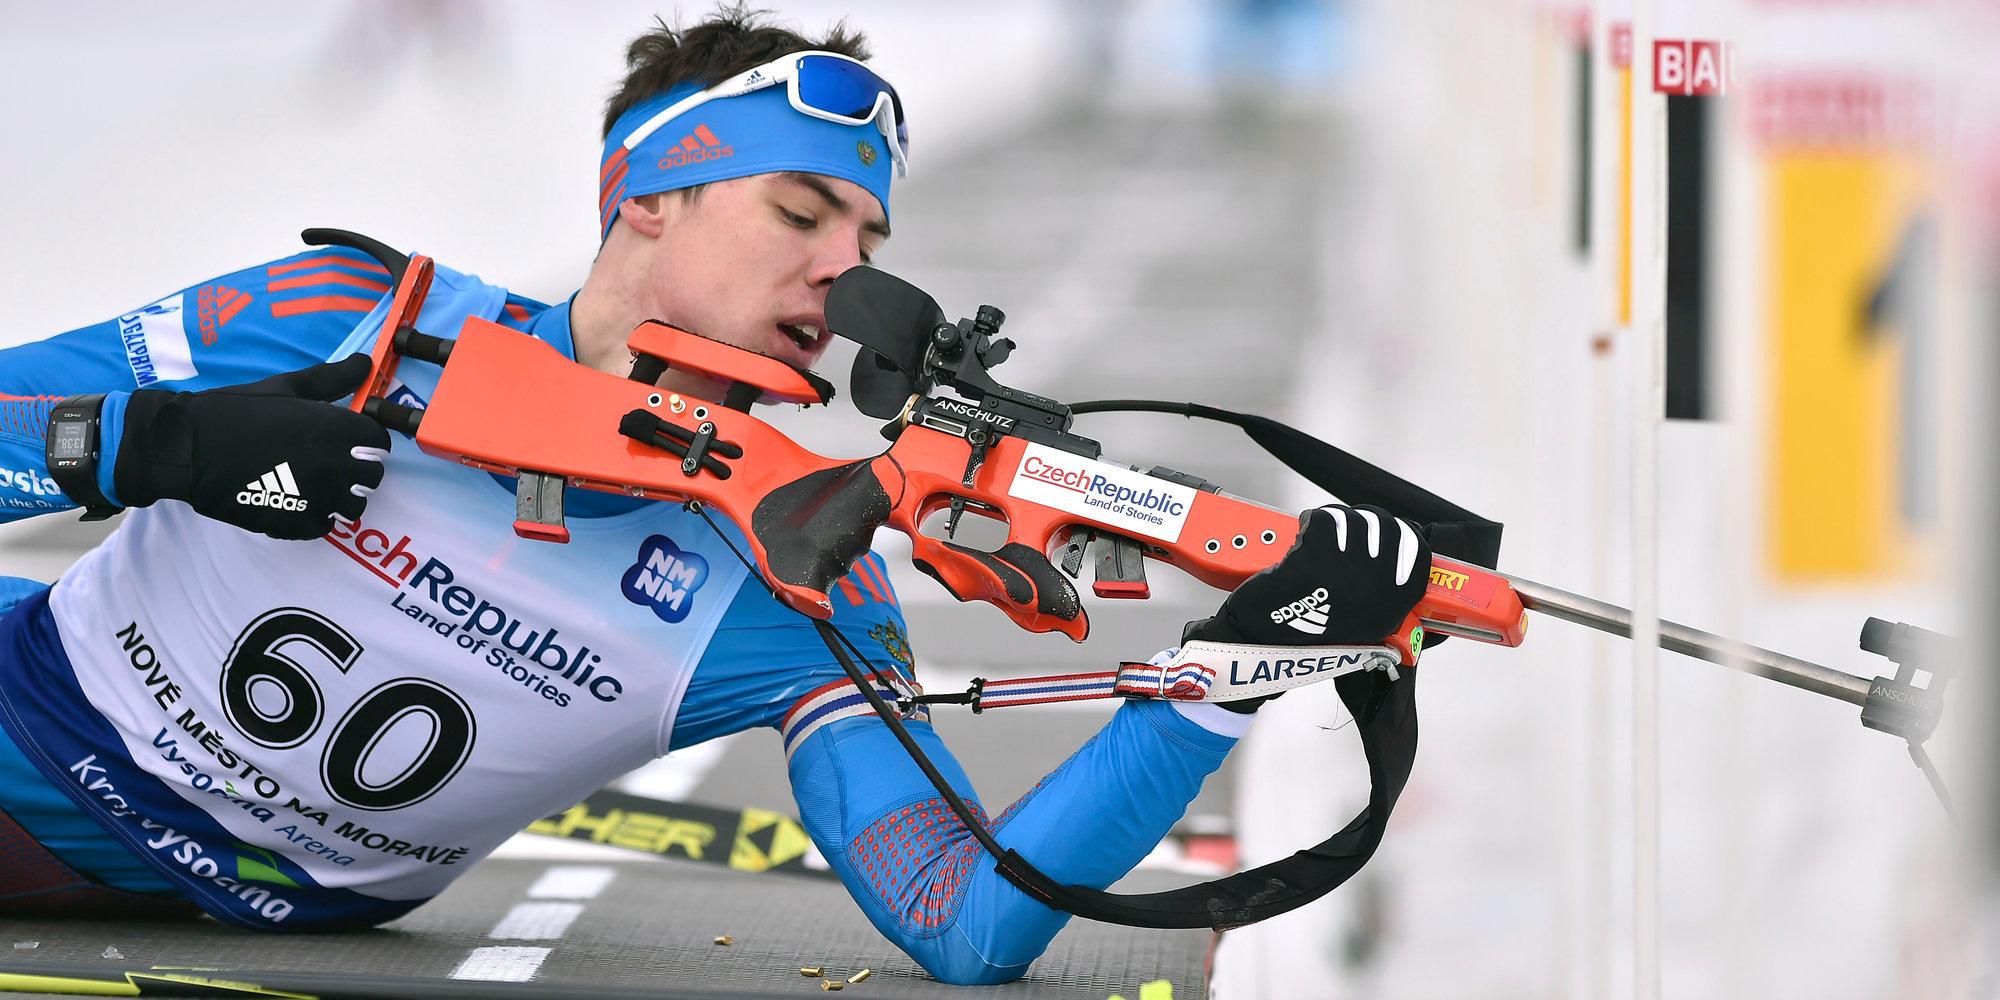 Никита Поршнев ответил на вопрос о возможном переходе в лыжи - фото